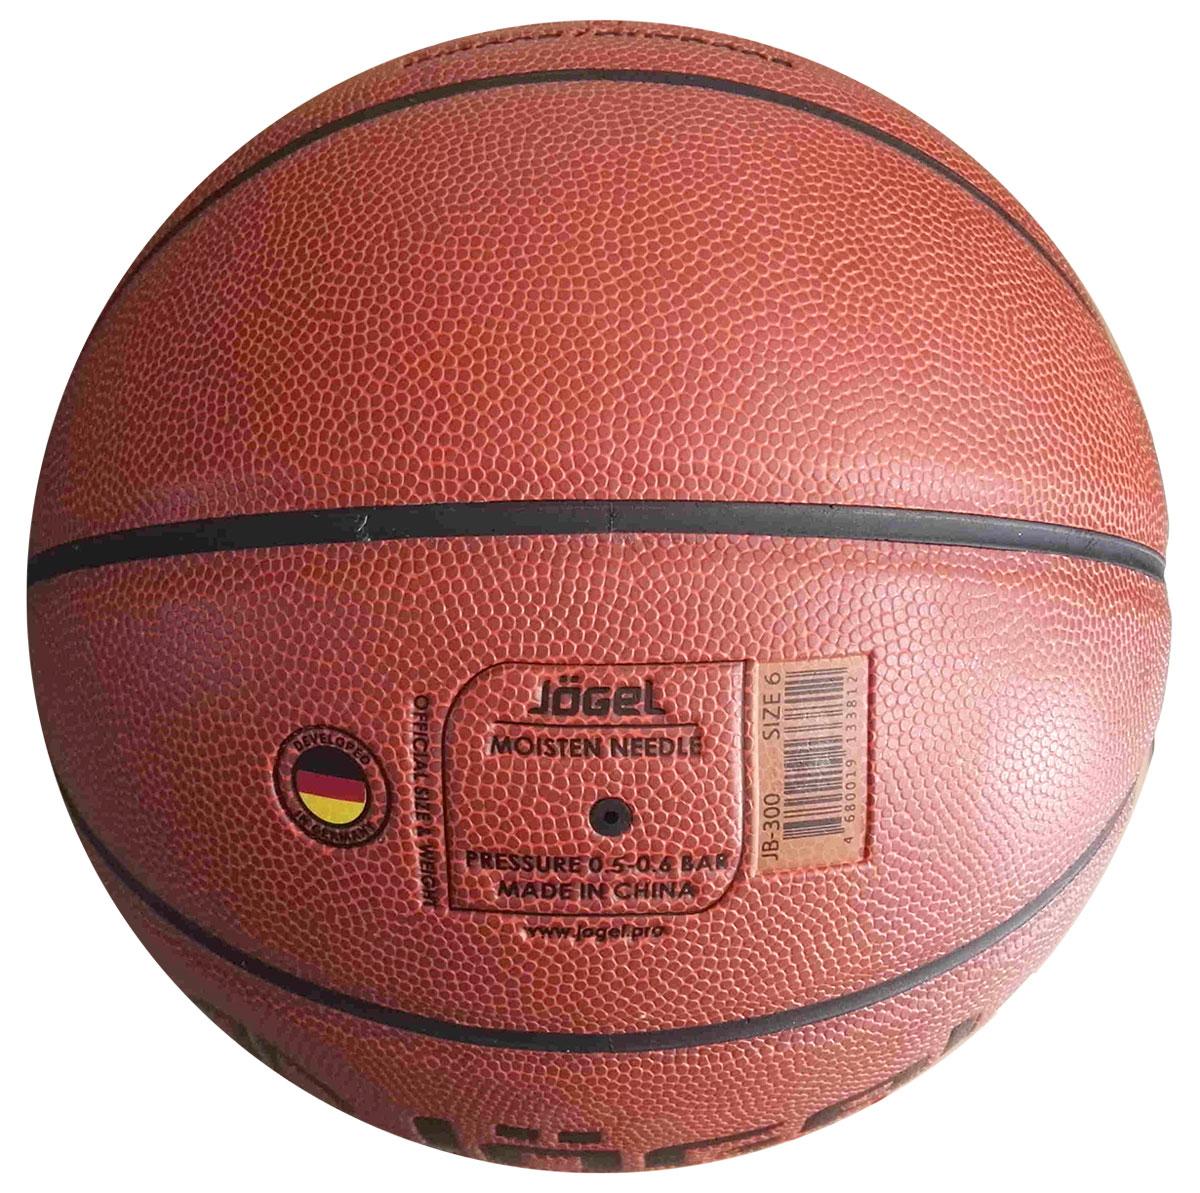 """Классический резиновый баскетбольный мяч """"Jogel"""" часто используется в уличном баскетболе, учебных заведениях и СДЮШ.Покрышка мяча выполнена из износостойкой резины, поэтому с мячом можно играть на любой поверхности, как в зале, так и на улице. В создании мячей используется технология DeepChannel (глубокие каналы), благодаря которой достигается отличный контроль мяча во время броска и дриблинга.Камера выполнена из бутила.Мяч баскетбольный рекомендован для любительской игры, тренировок команд среднего уровня и любительских команд.Вес: 510-567 гр.Длина окружности: 72-74 см.Рекомендованное давление: 0.5-0.6 бар.УВАЖАЕМЫЕ КЛИЕНТЫ!Обращаем ваше внимание на тот факт, что мяч поставляется в сдутом виде. Насос в комплект не входит."""